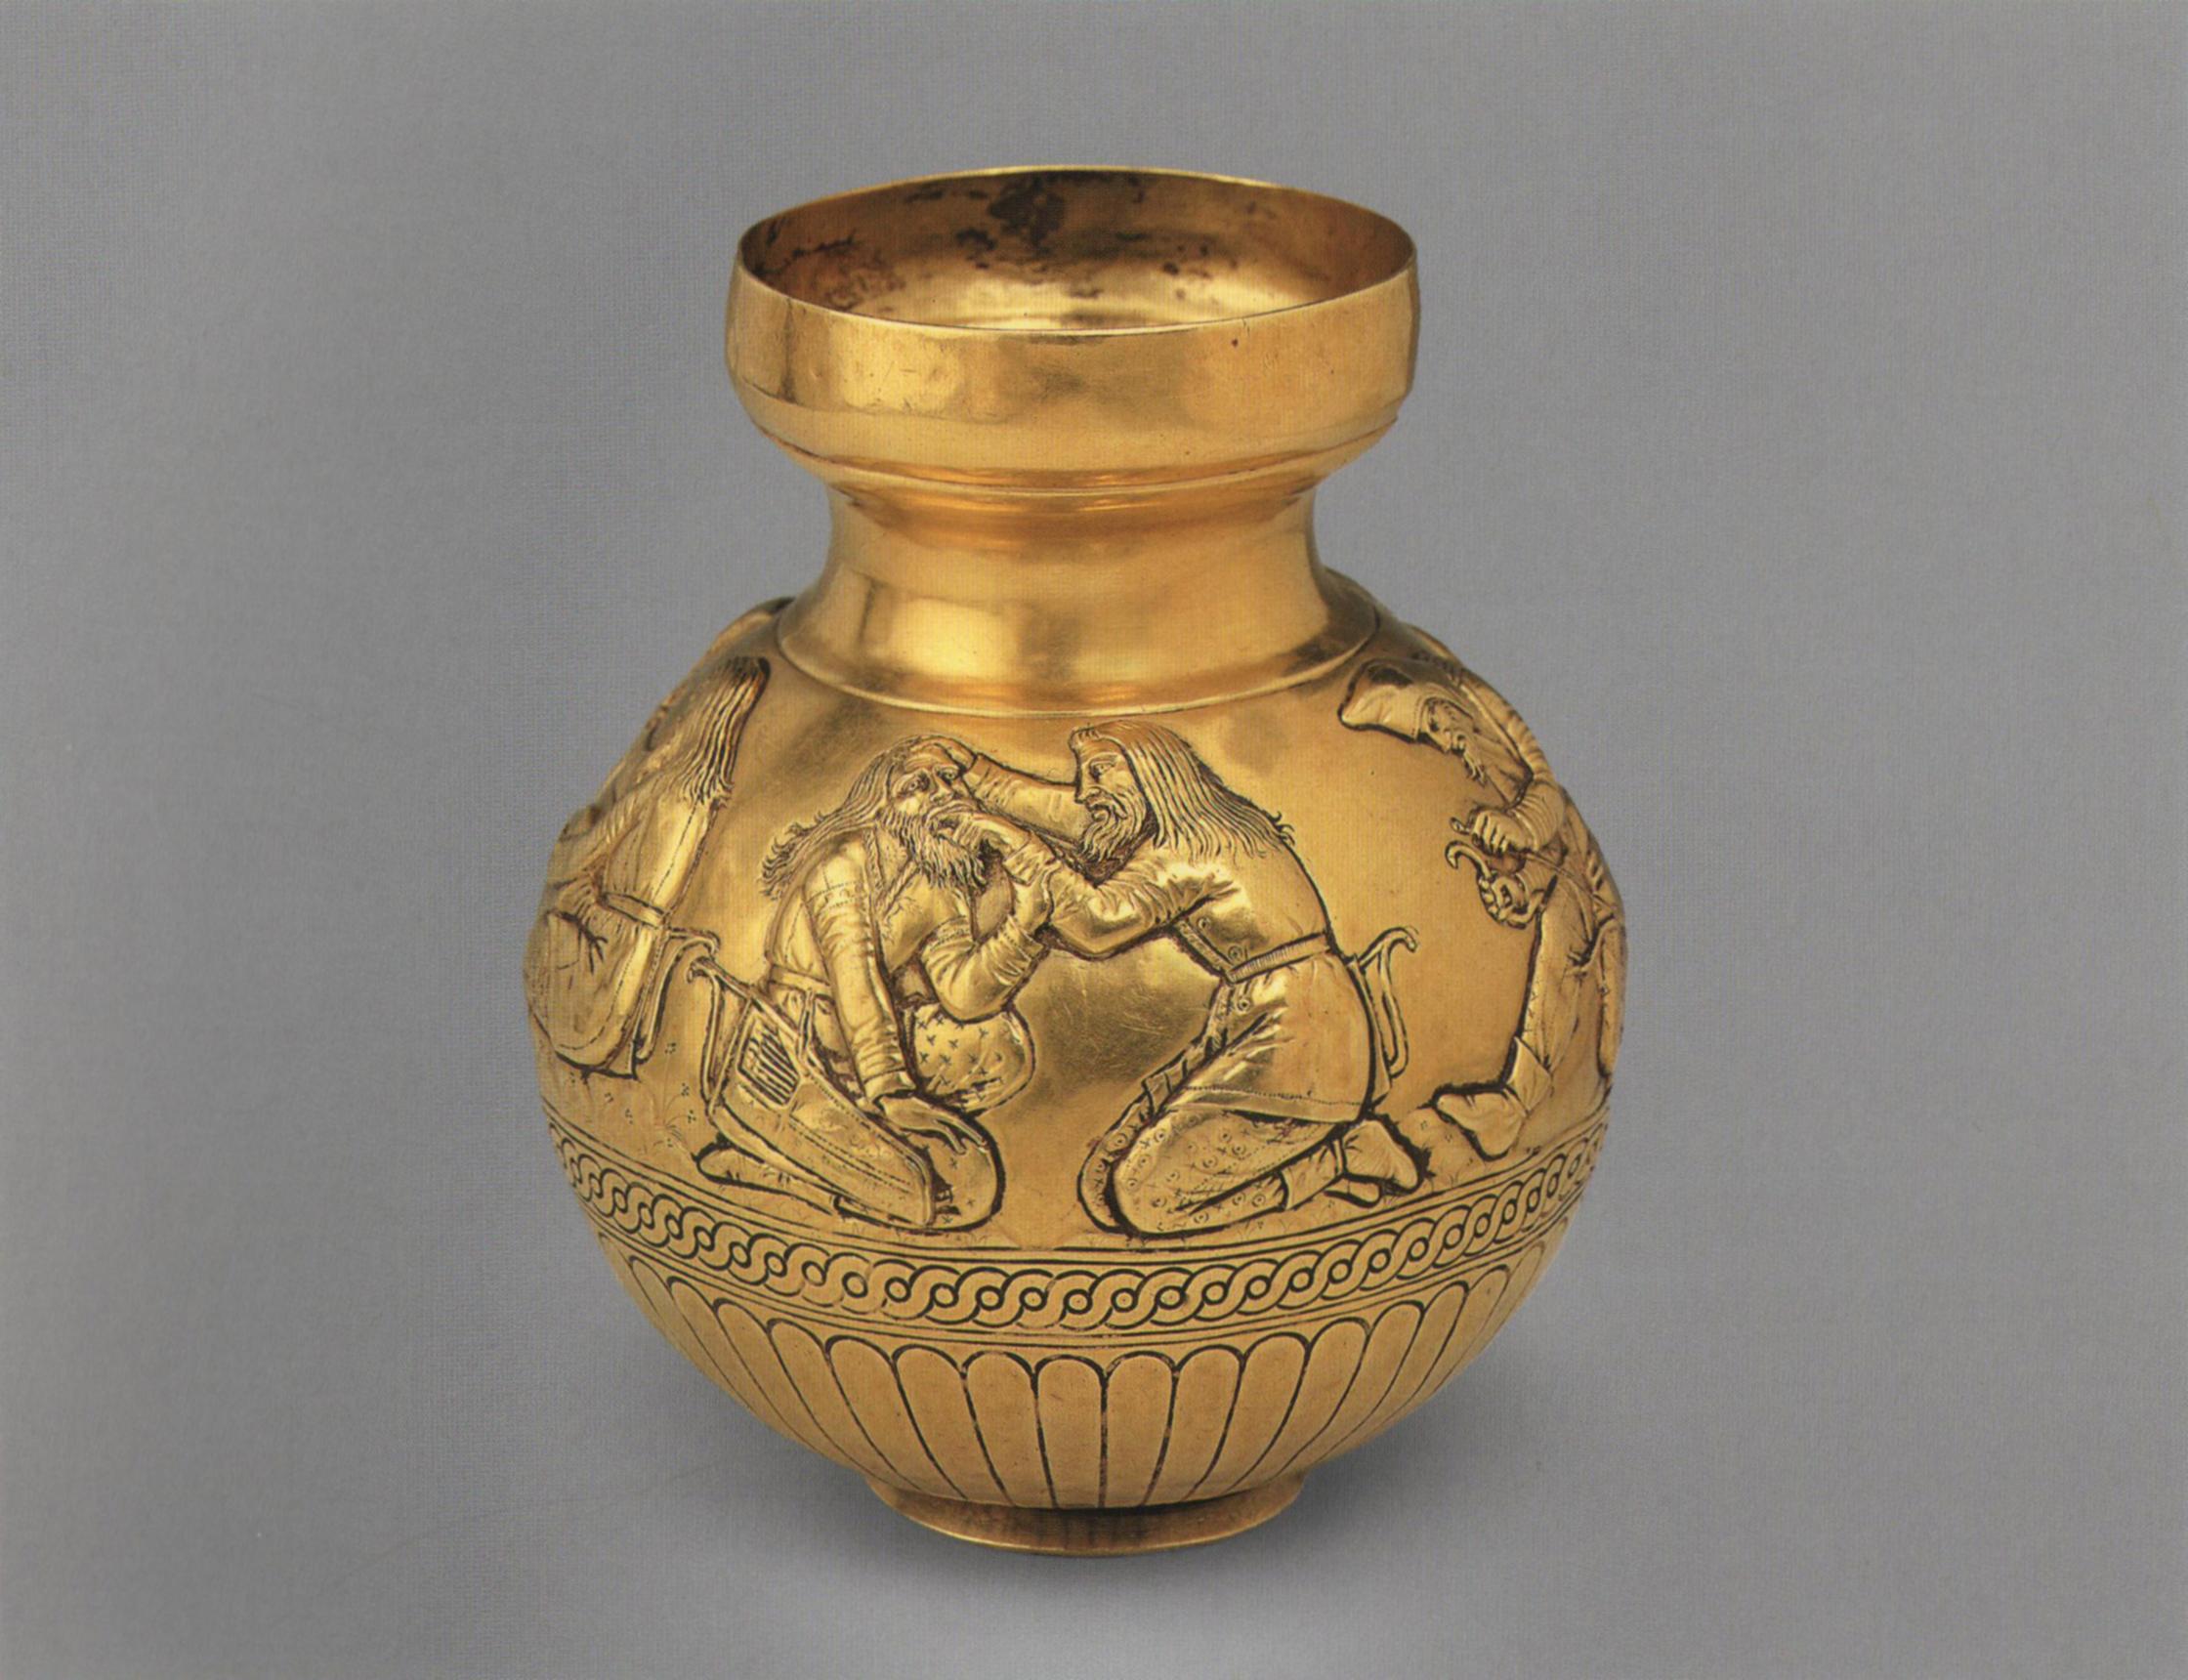 Ваза-амфора из кургана Куль-Оба, в Золотой кладовой Эрмитажа